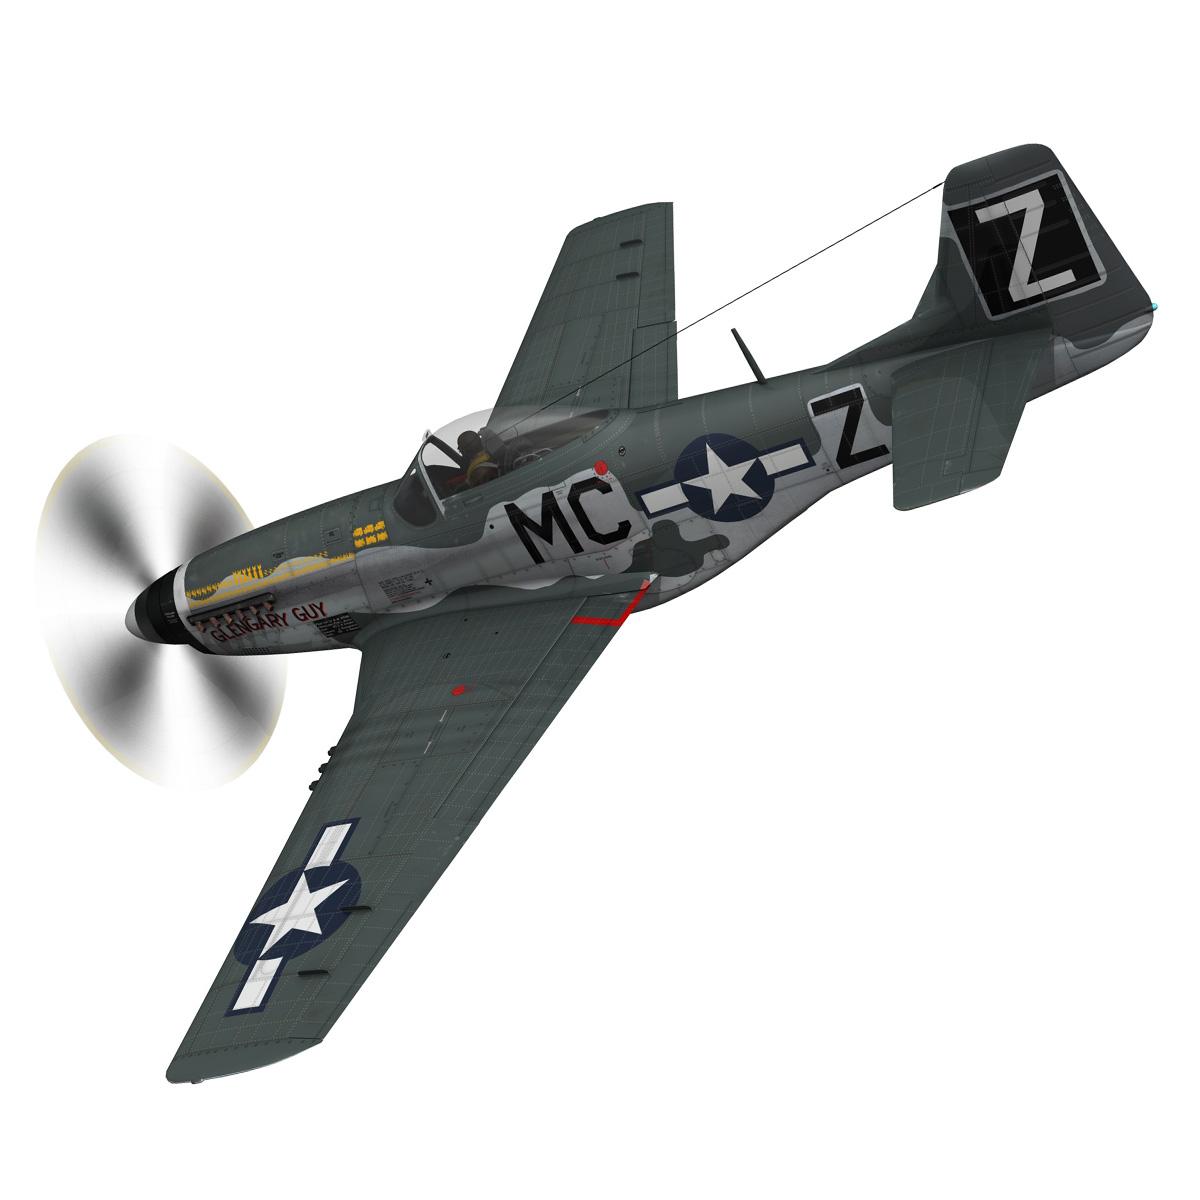 north american p-51d mustang – glengary guy 3d model fbx c4d lwo obj 267520